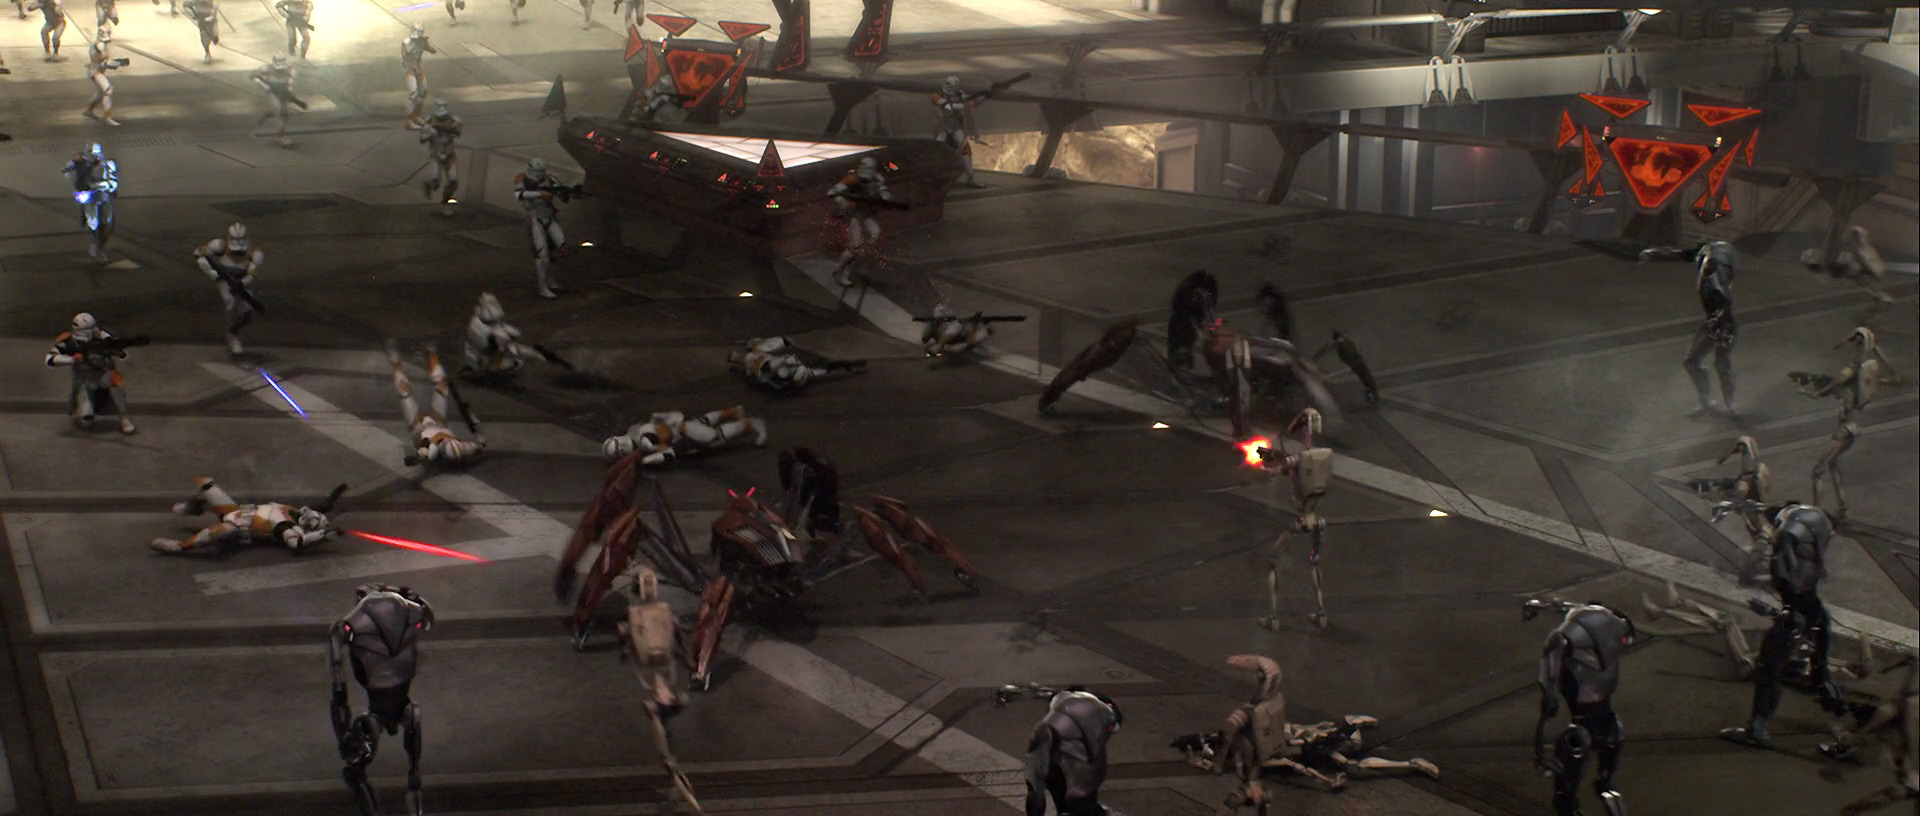 The Battle Of Utapau Star Wars Battles Wiki Fandom